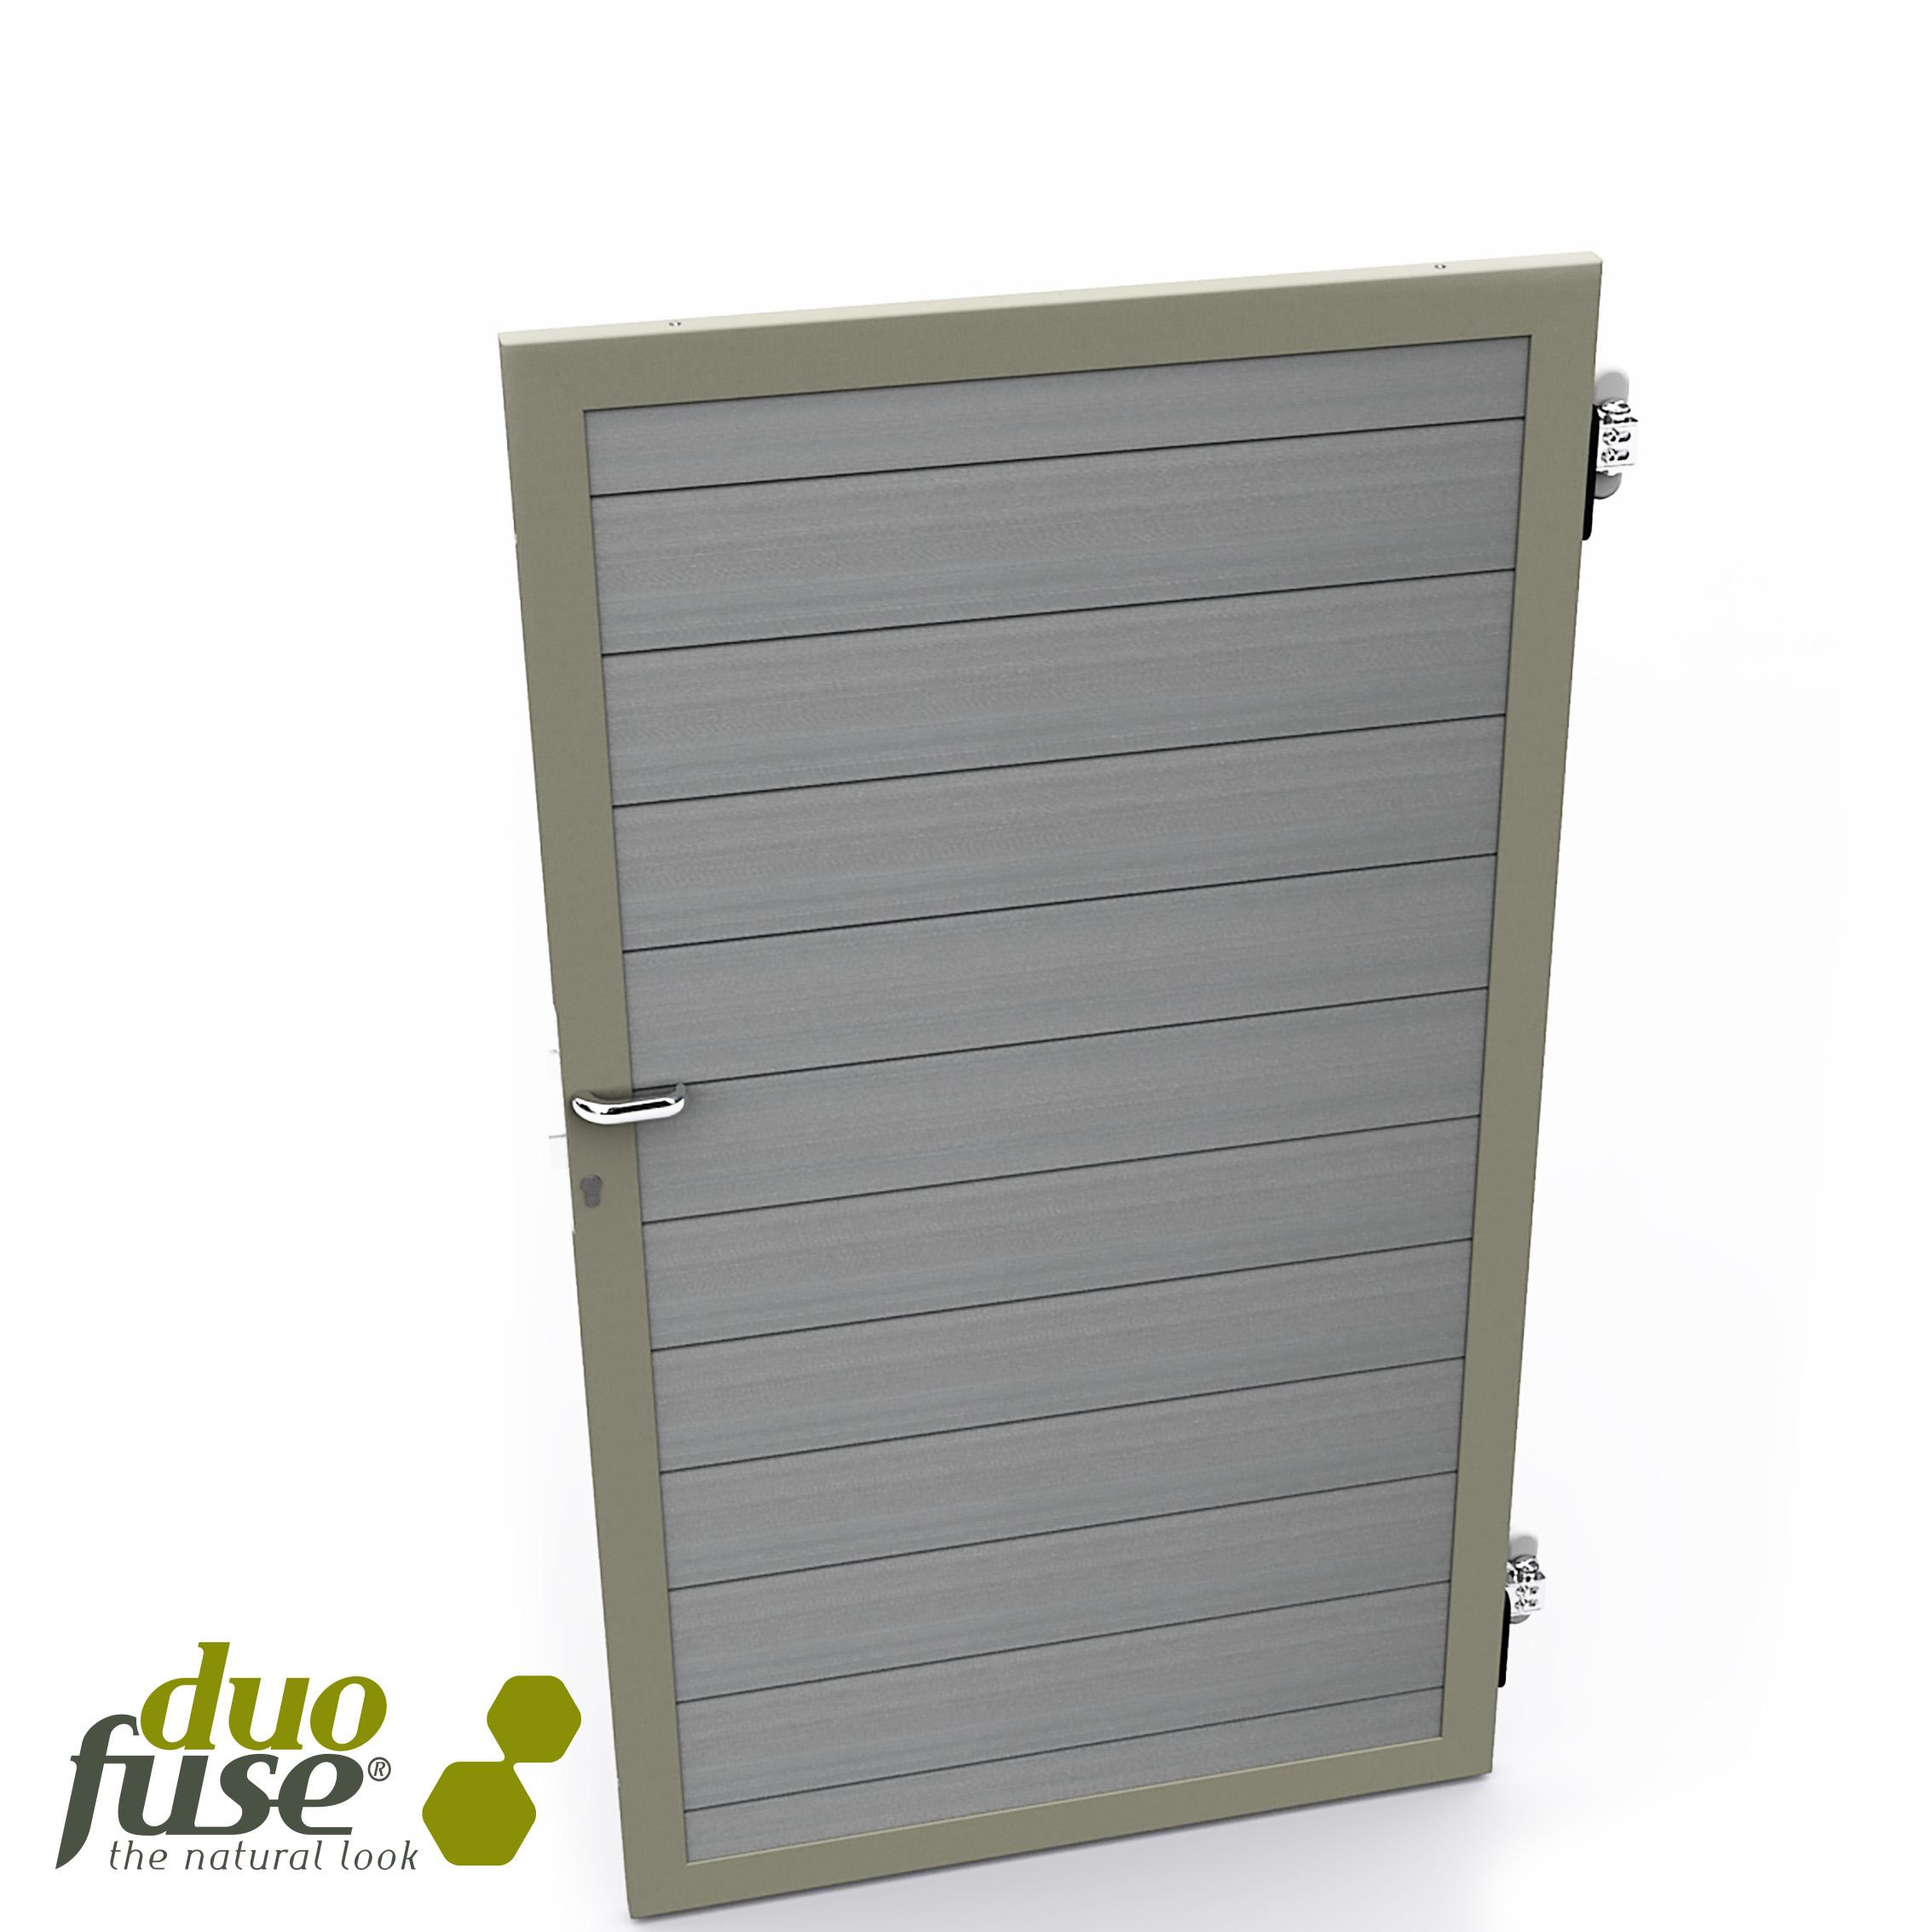 Duofuse | Composiet poort/deur | 200 cm | Graphite Black